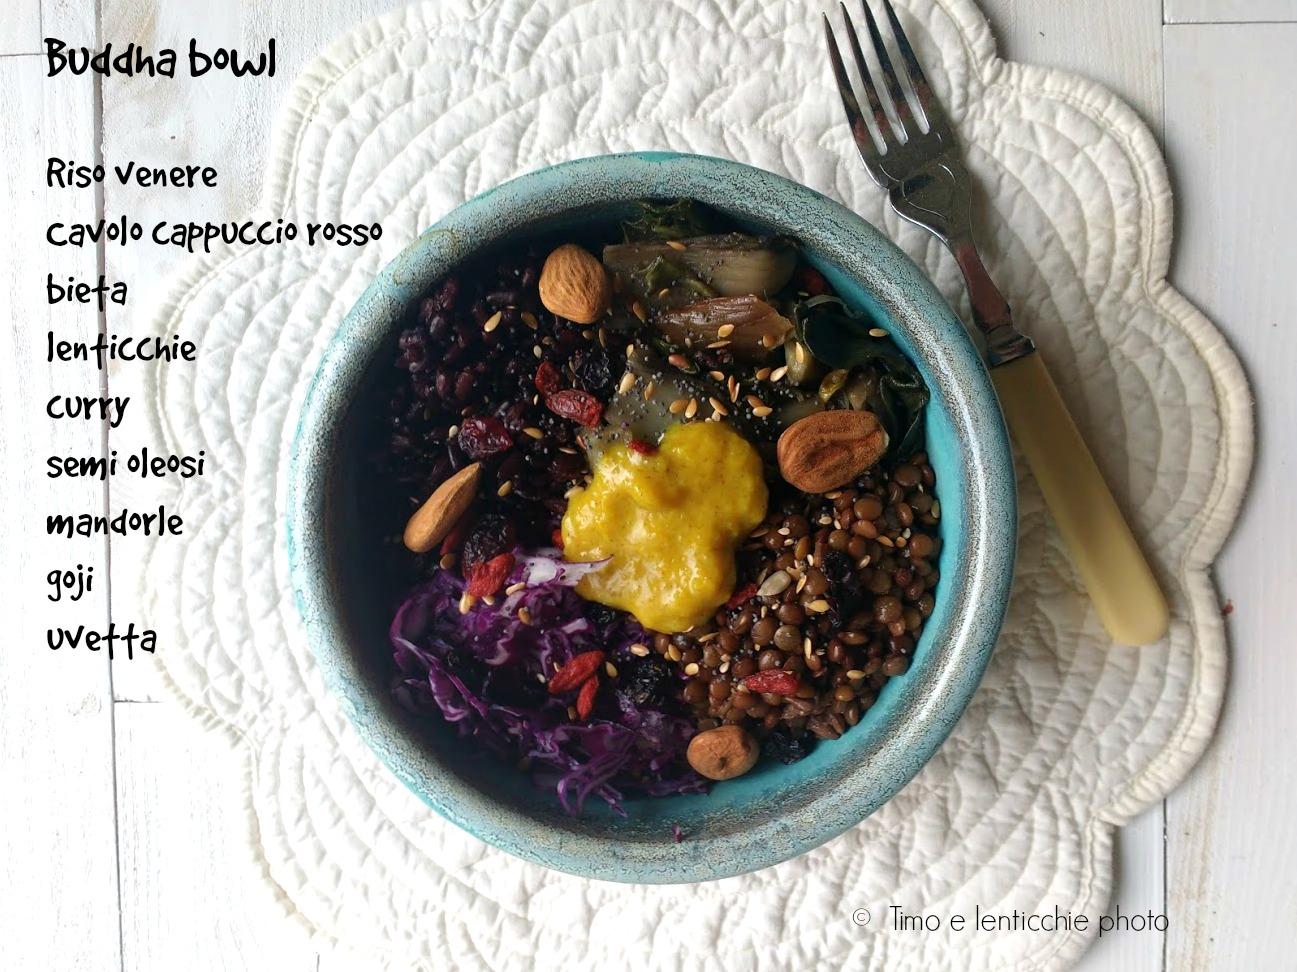 Buddha bowl pranzo veloce e sano 2